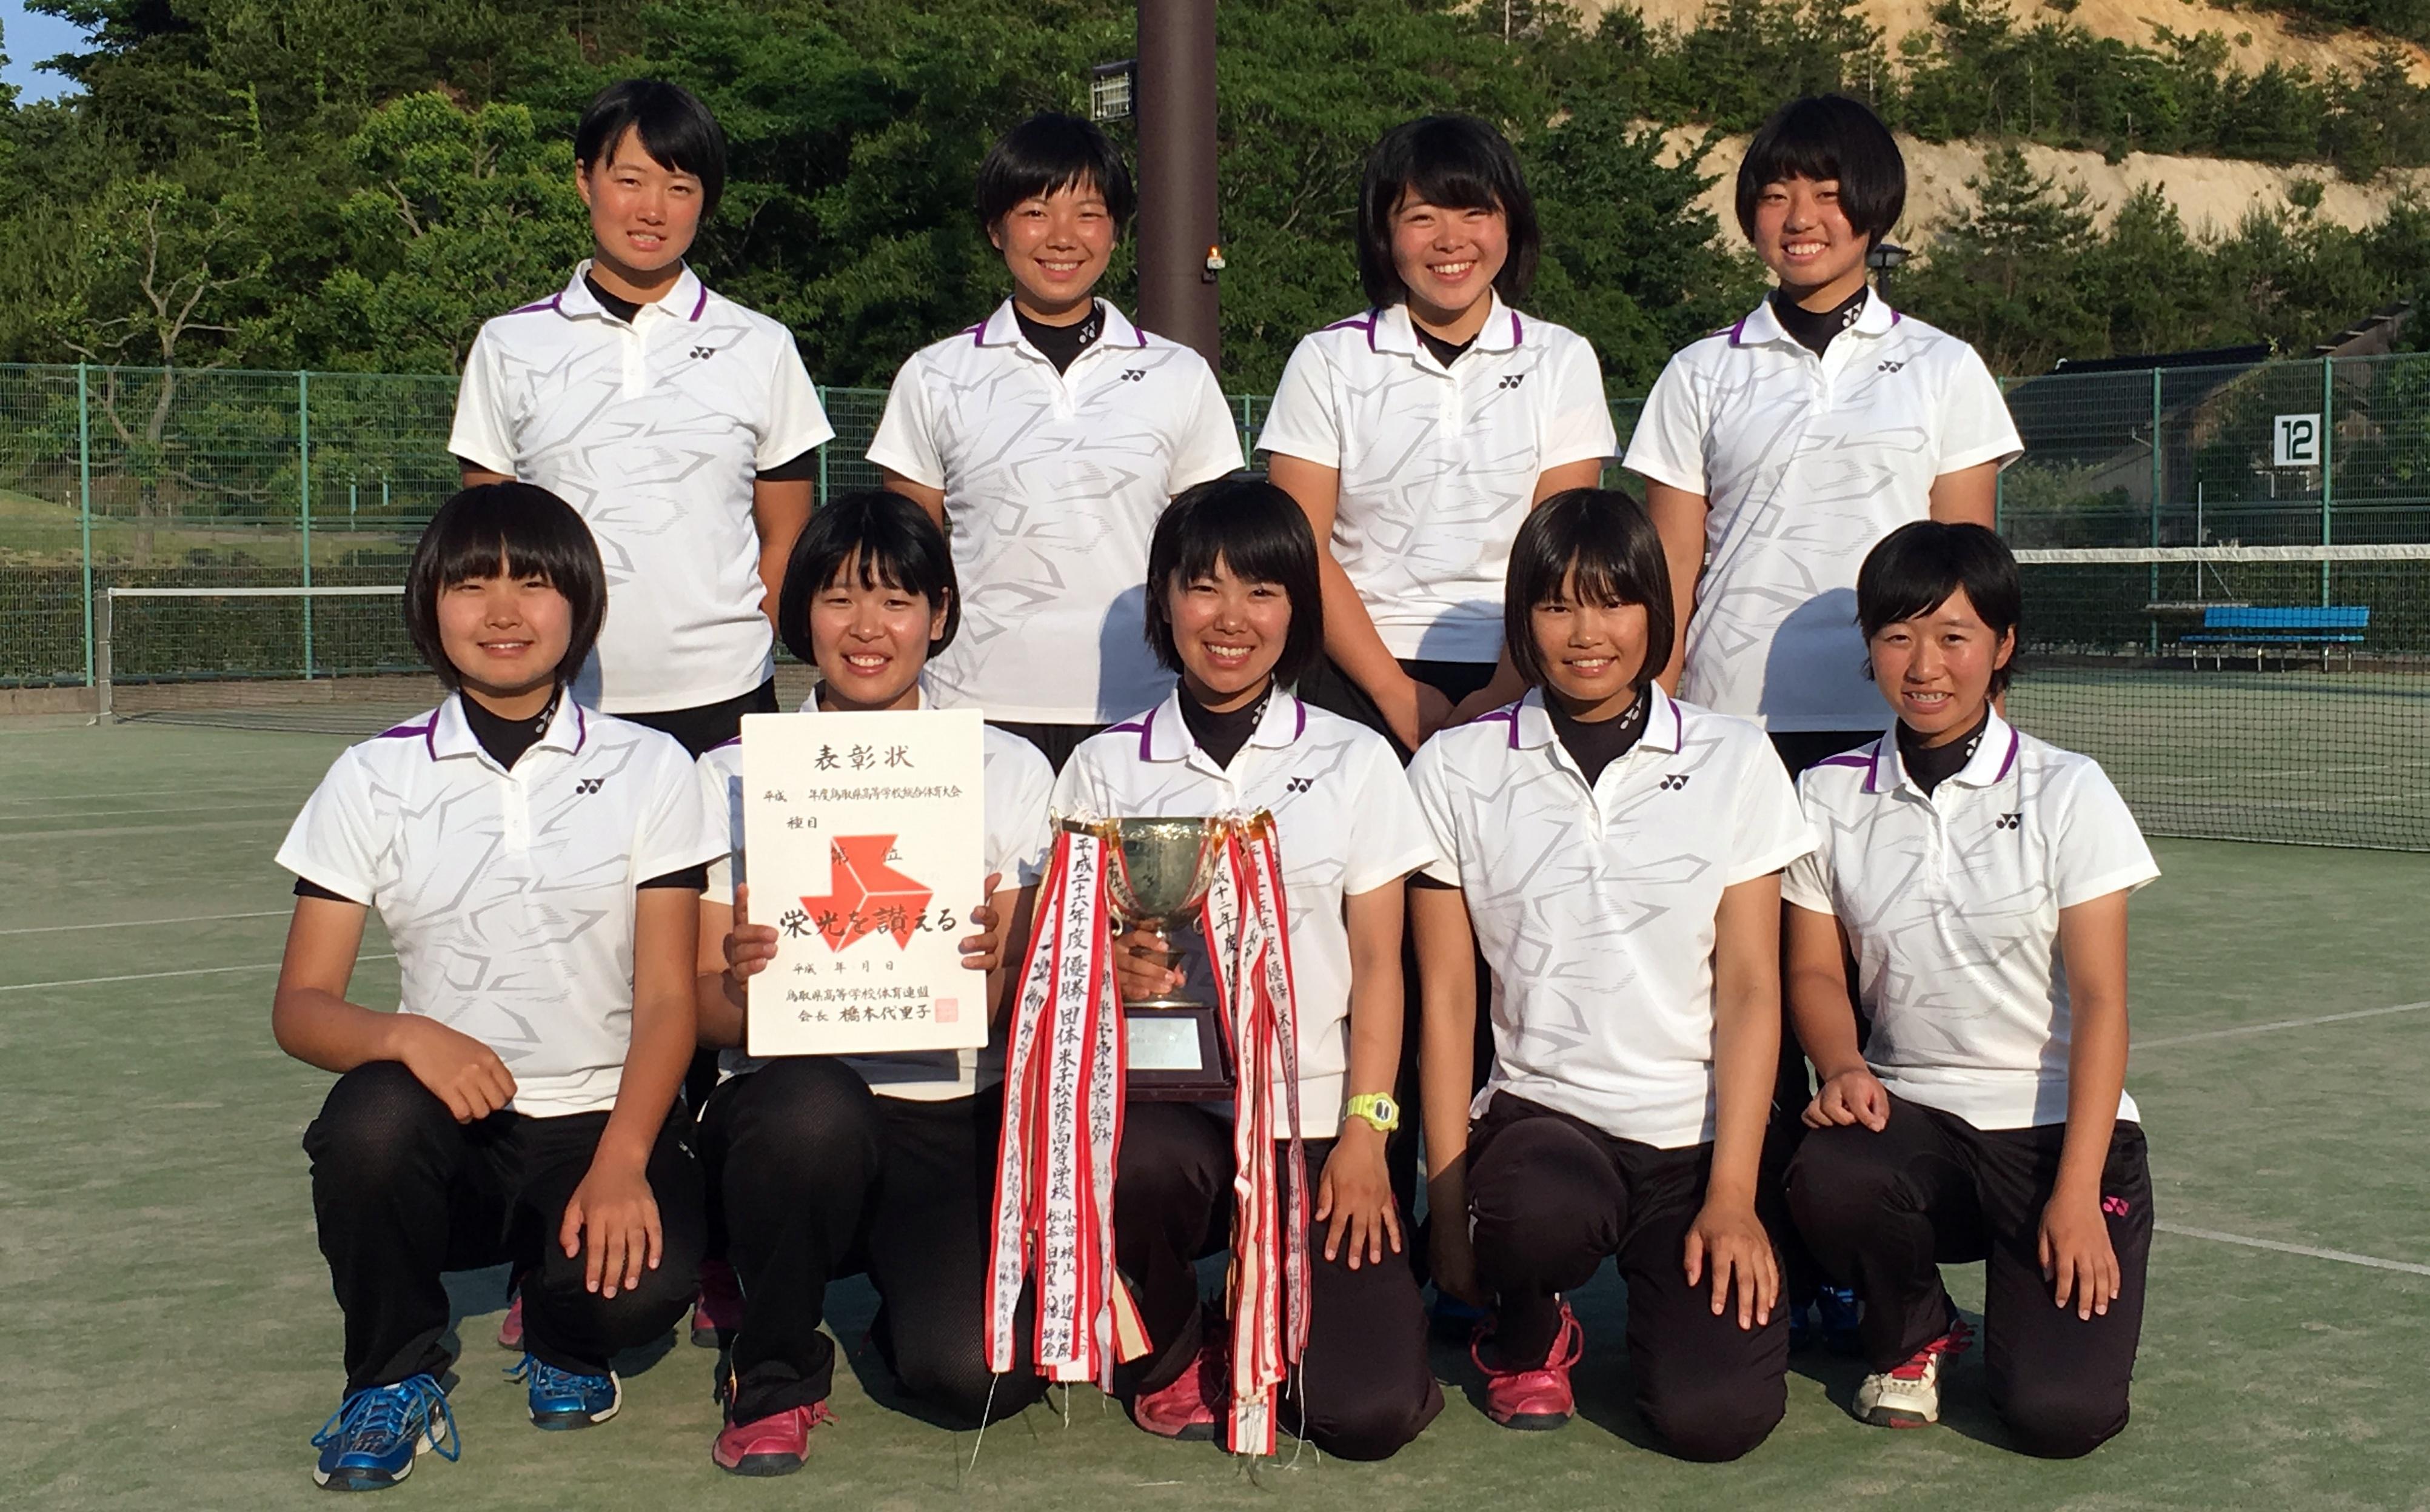 画像2: 6/3~5に、コカ・コーラウエストスポーツパークテニス場で鳥取県高校総体が開催され、インターハイ出場者が決定した。 6/3の団体戦、男子は21校のトーナメントの末、米子松蔭が5年連続10回目の優勝を果たした。女子は19校 [...] www.softtennis-mag.com